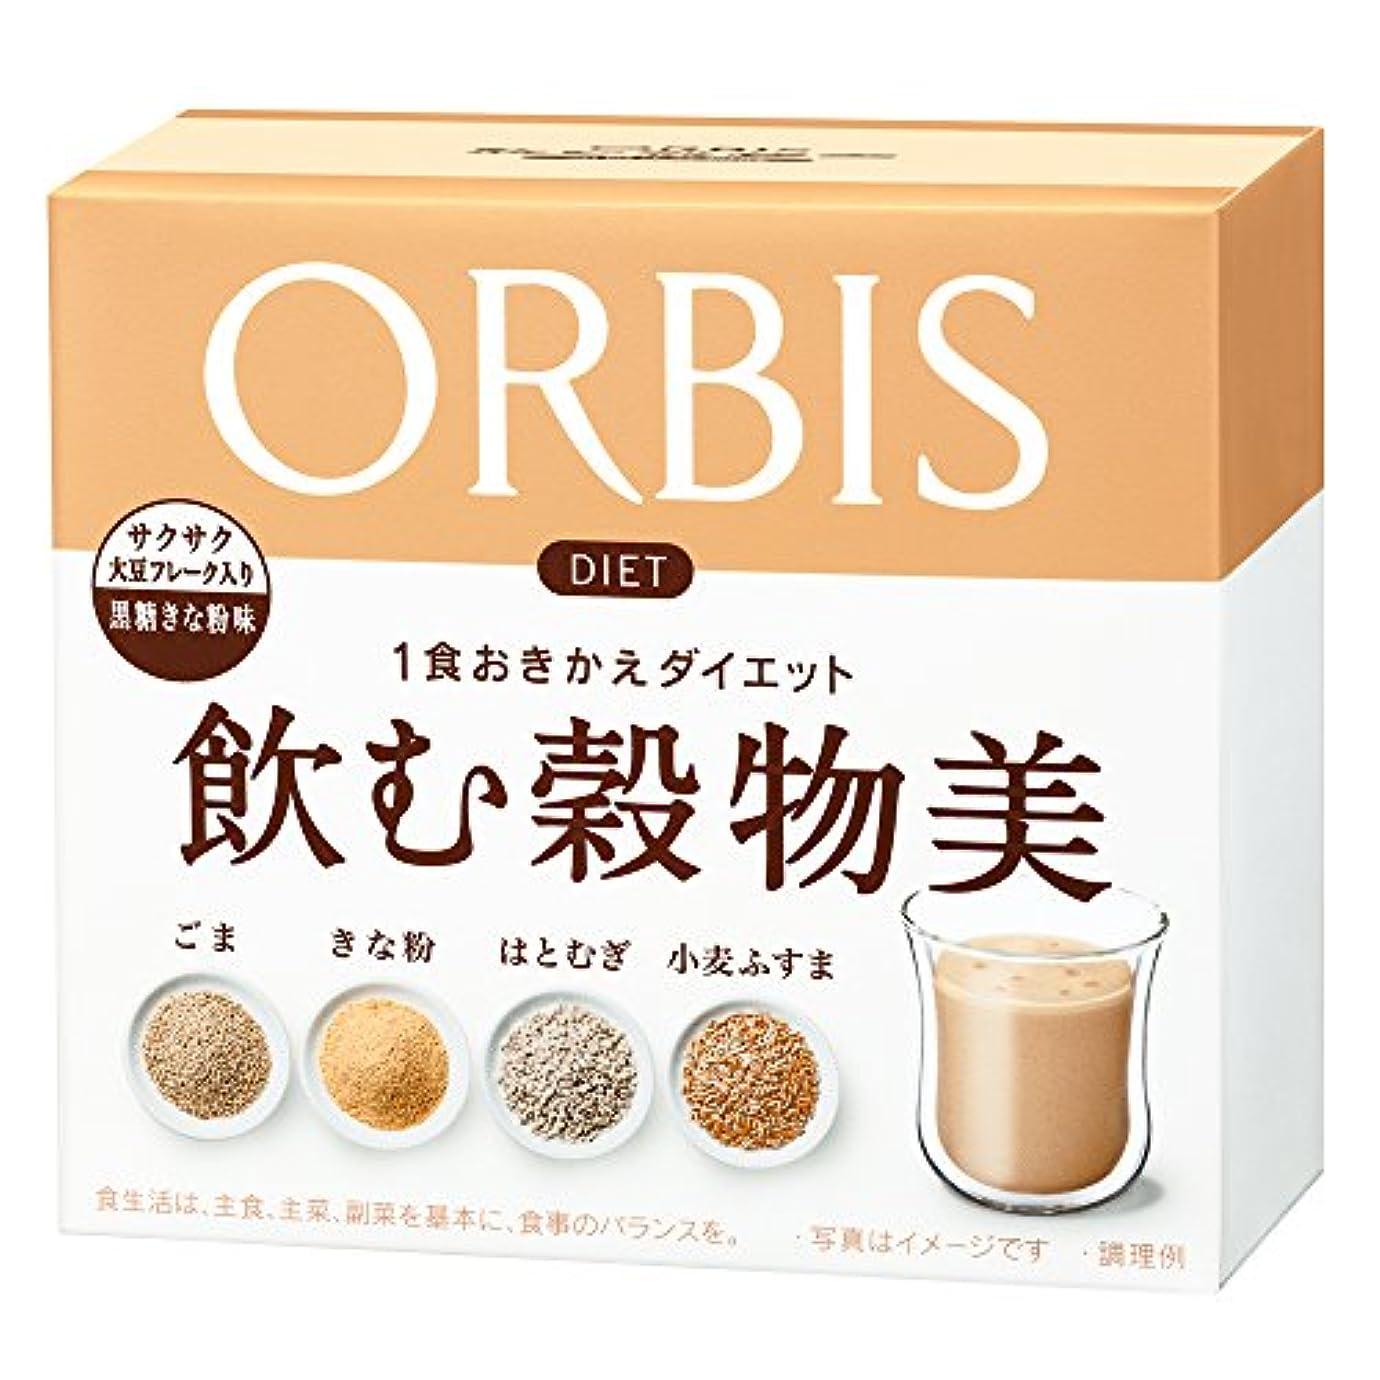 うなる寝具カバレッジオルビス(ORBIS) 飲む穀物美 黒糖きなこ味 7日分(25g×7袋) ◎雑穀ダイエットシェイク◎ 1食分約189kcal